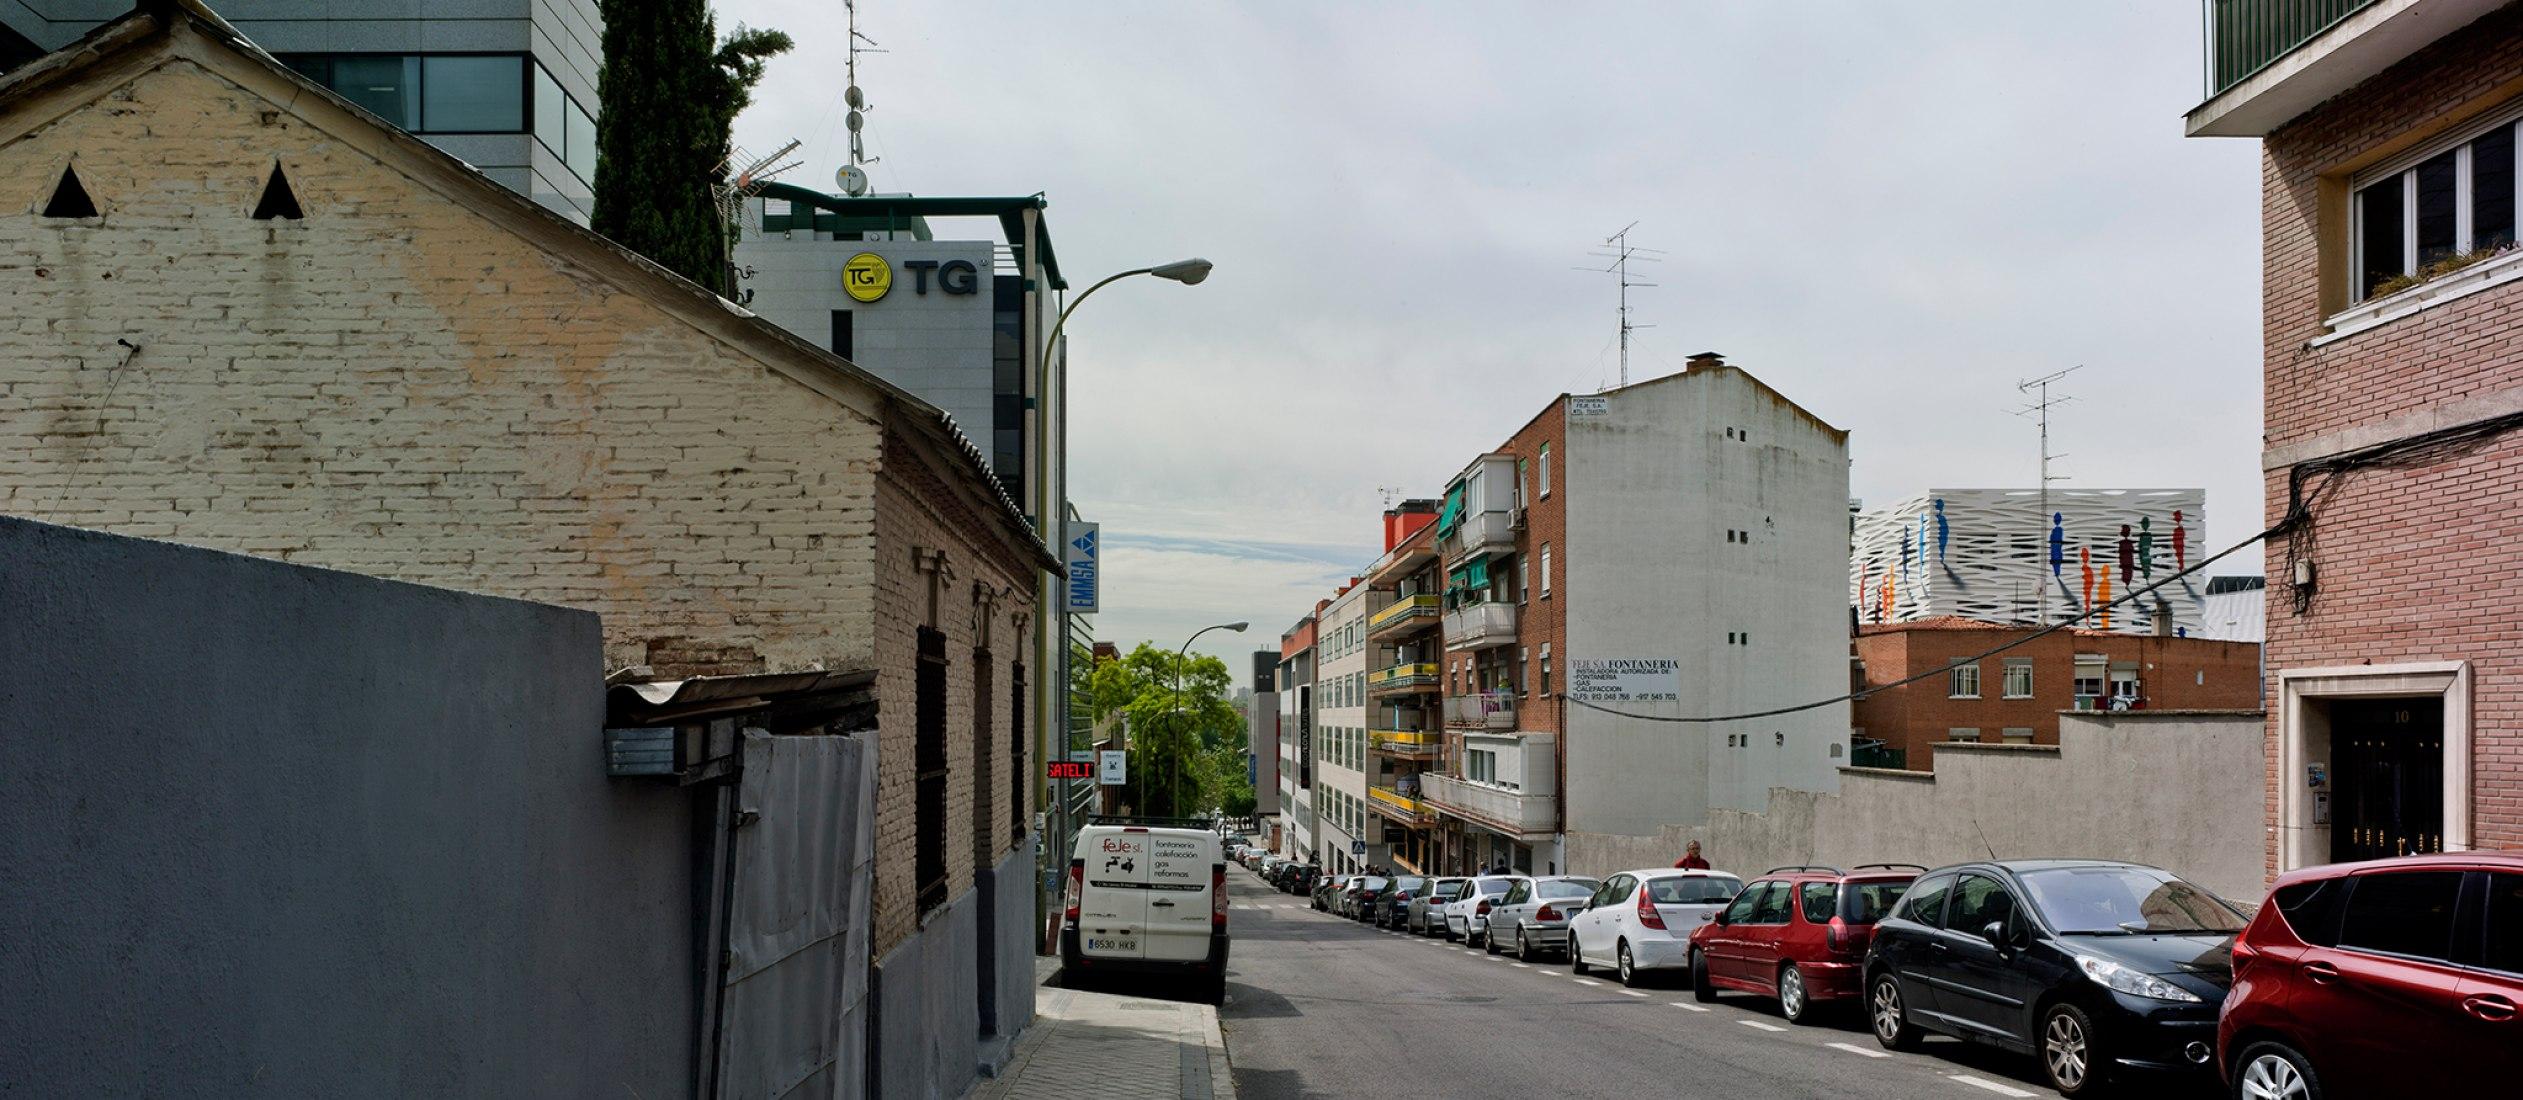 Sede de CUALTIS, proyecto de DENORTE y mural de SUSO33. Fotografía © David Frutos.